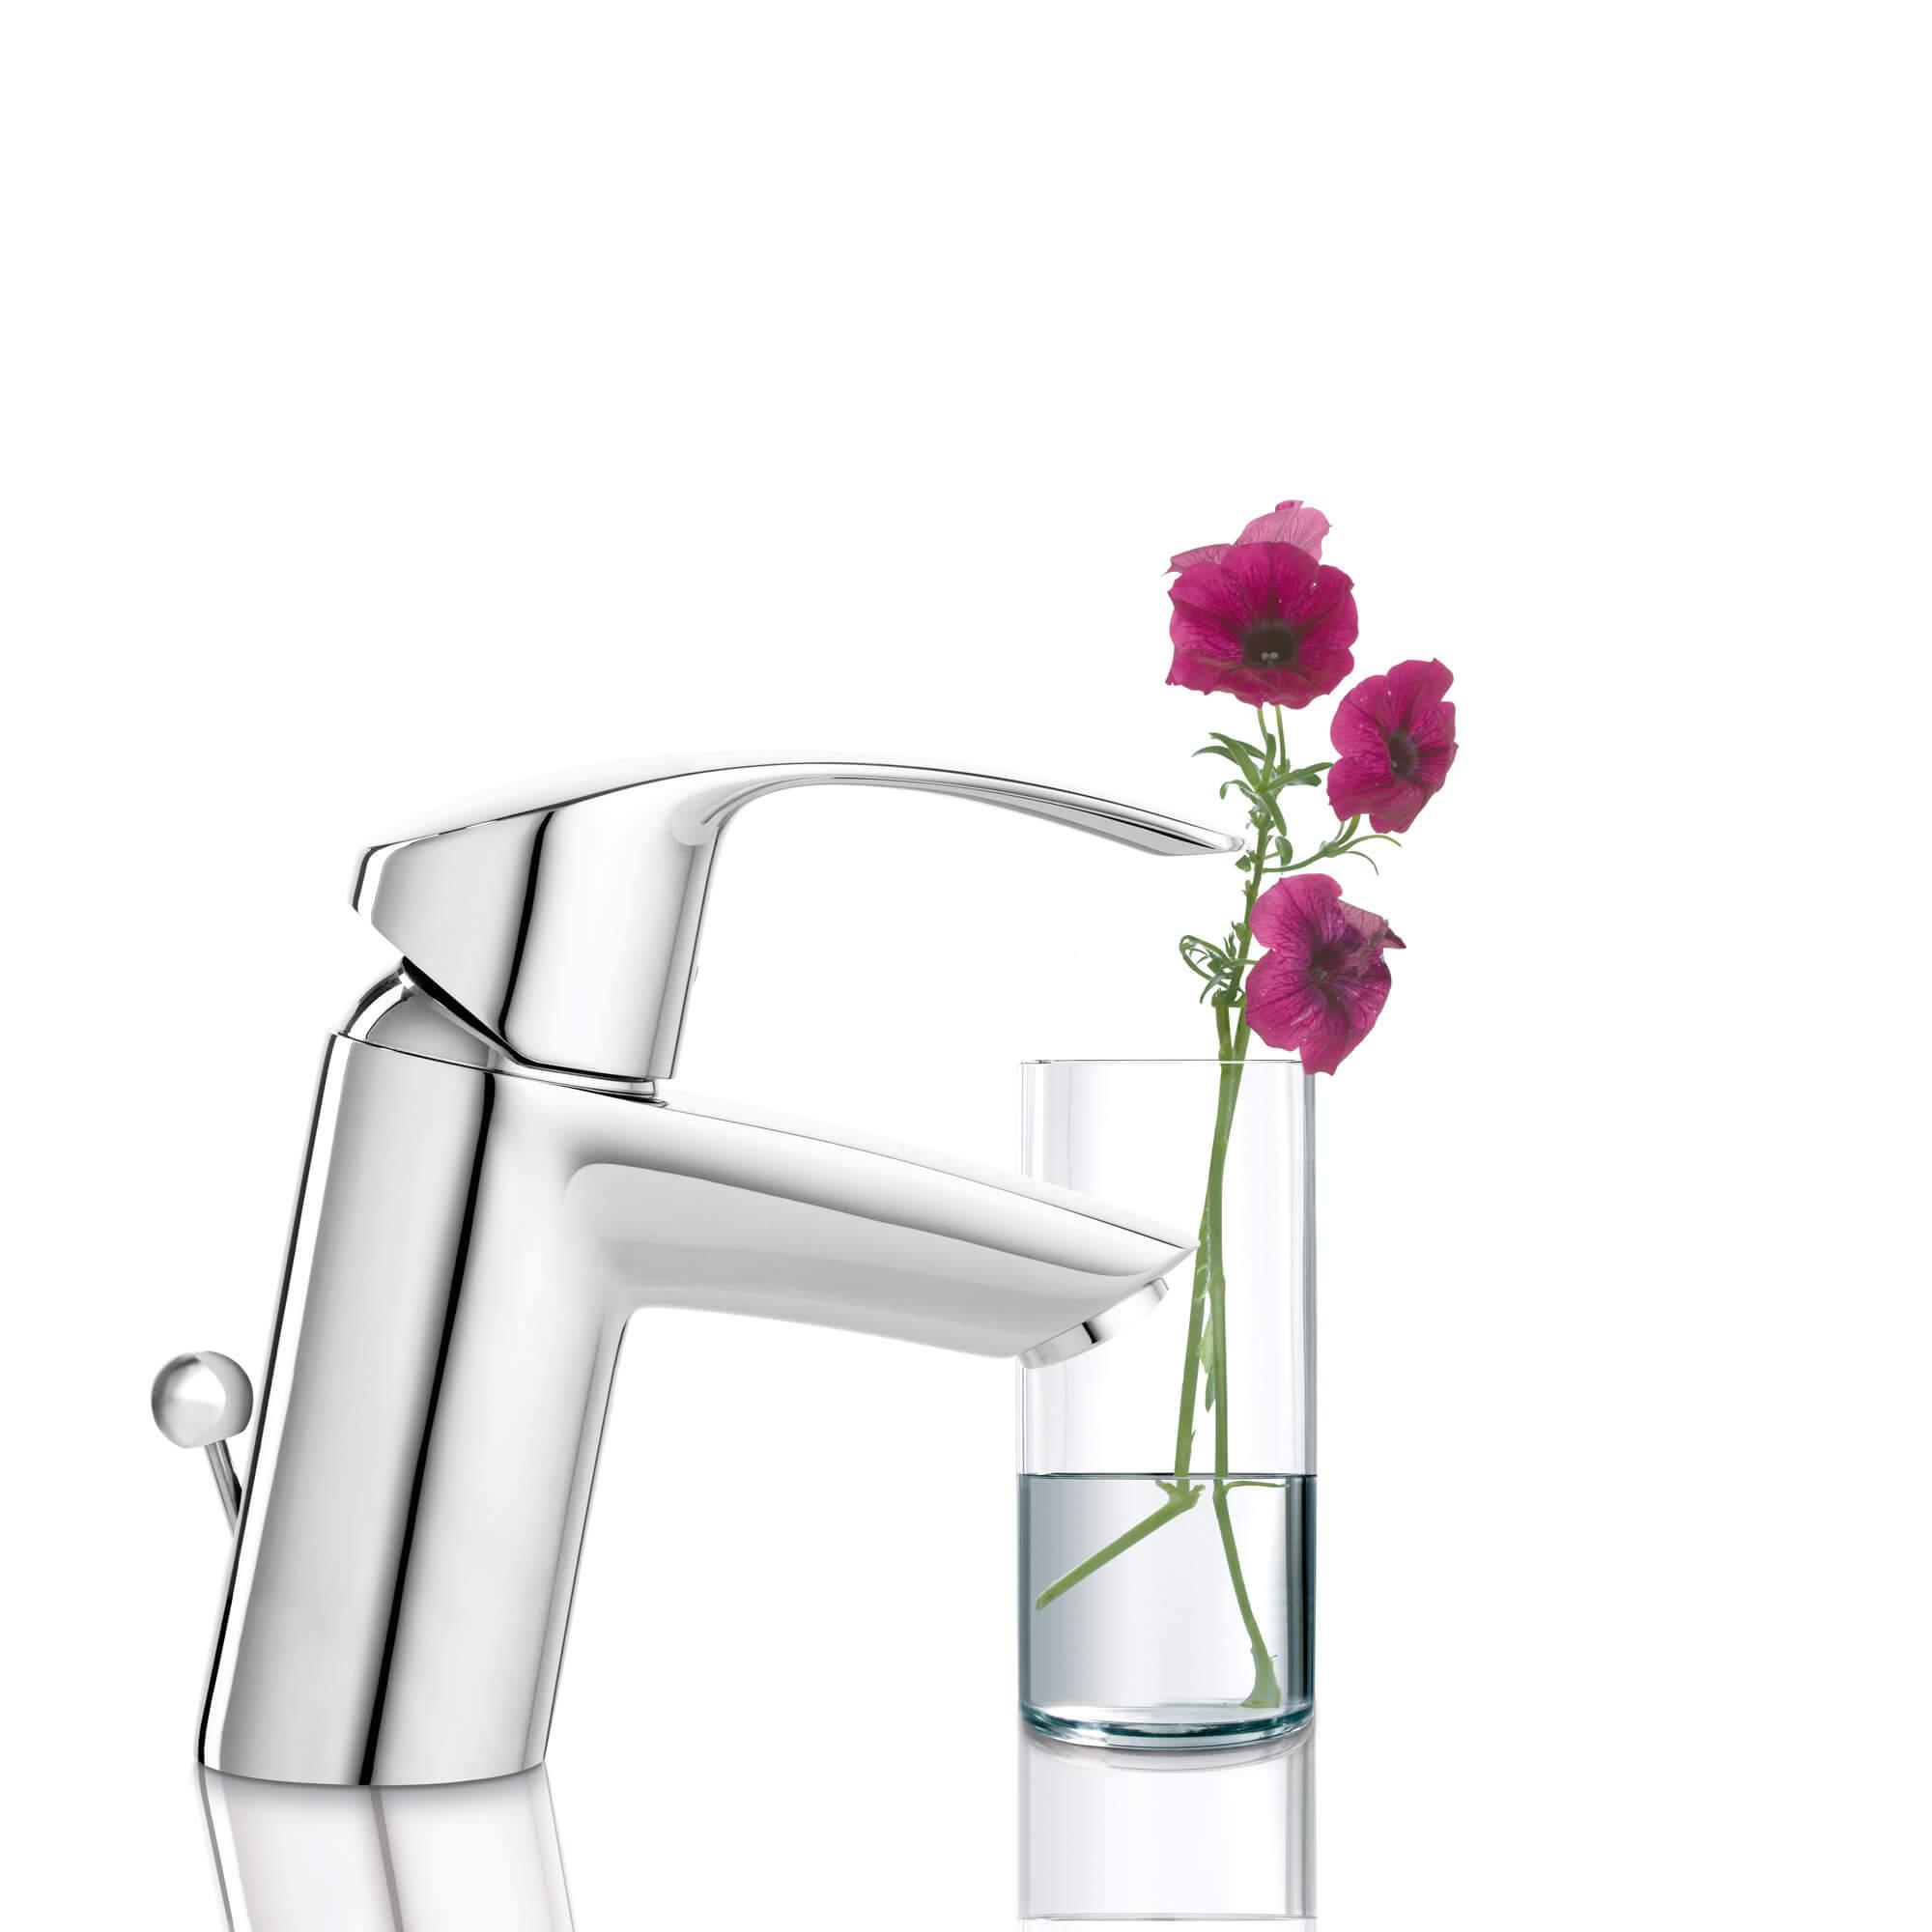 Le robinet Eurosmart est illustré à côté d'un verre rempli de fleurs.